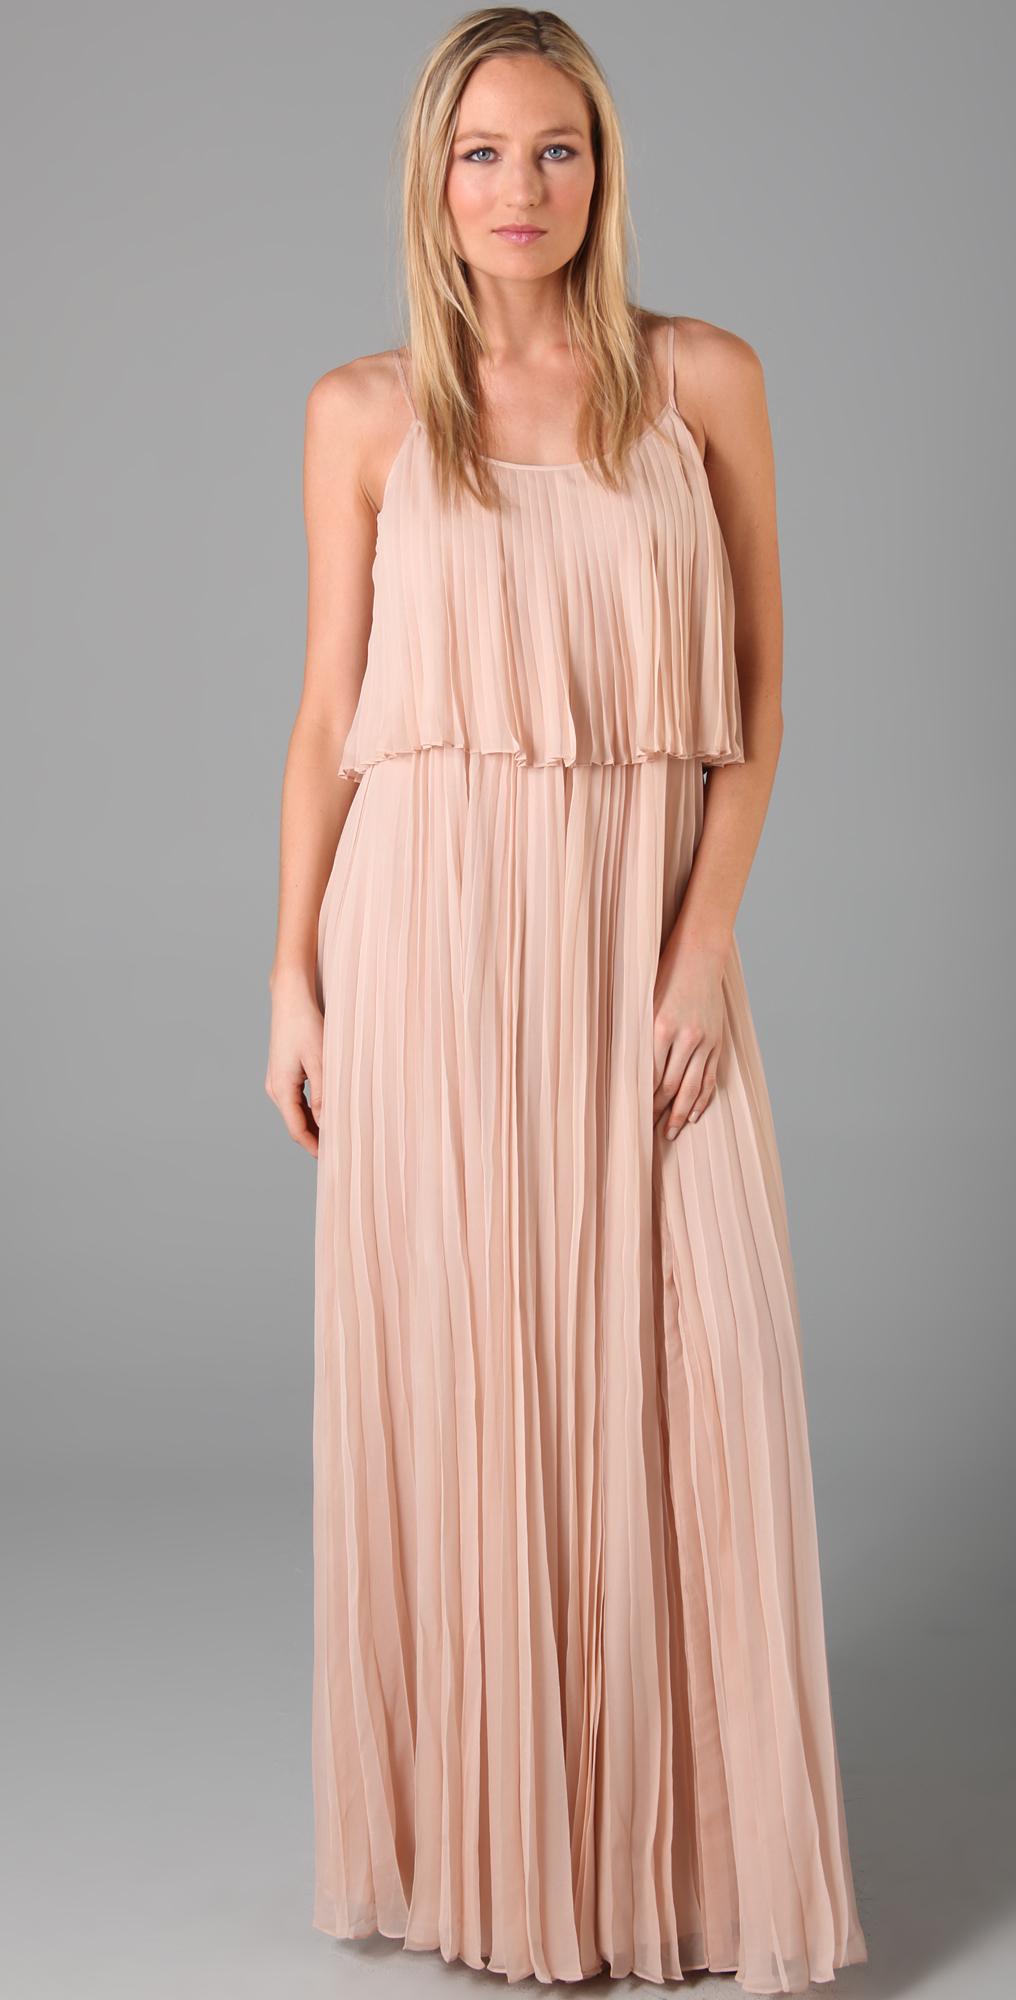 88219e62054 Halston Heritage Pleated Chiffon Long Dress